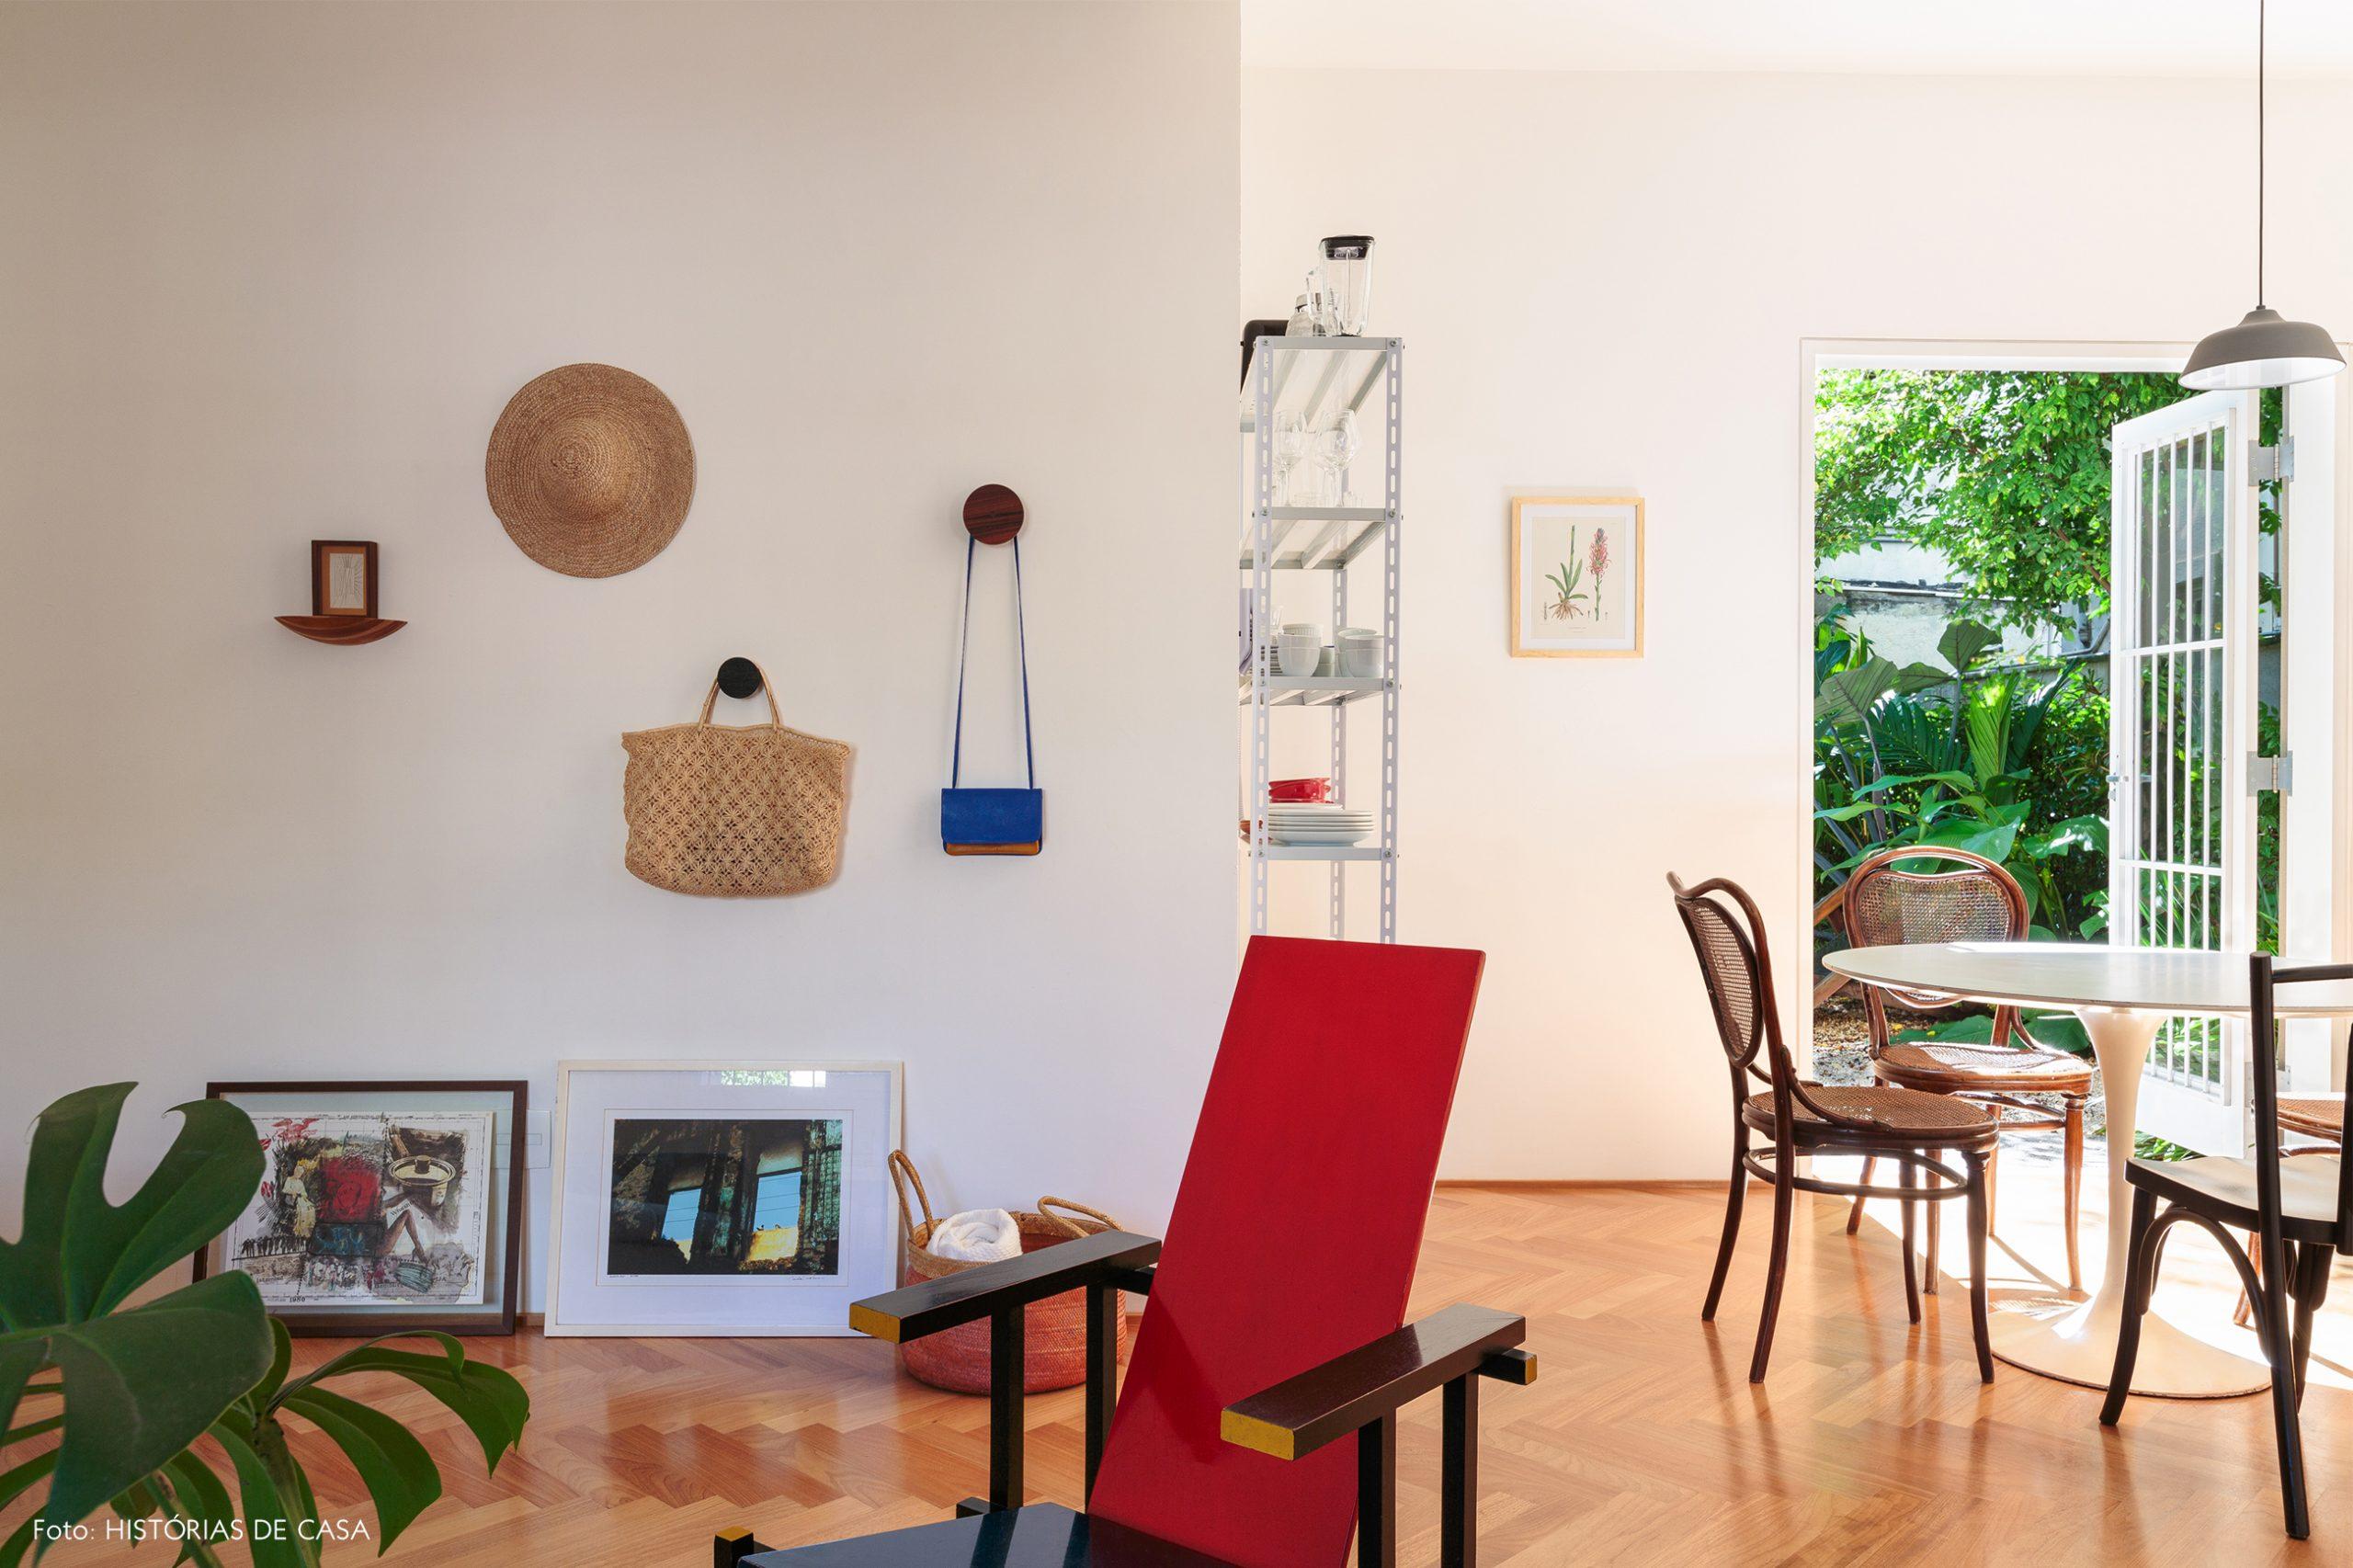 decoração sala cadeira red and blue cesto palha cabideiro redondo madeira